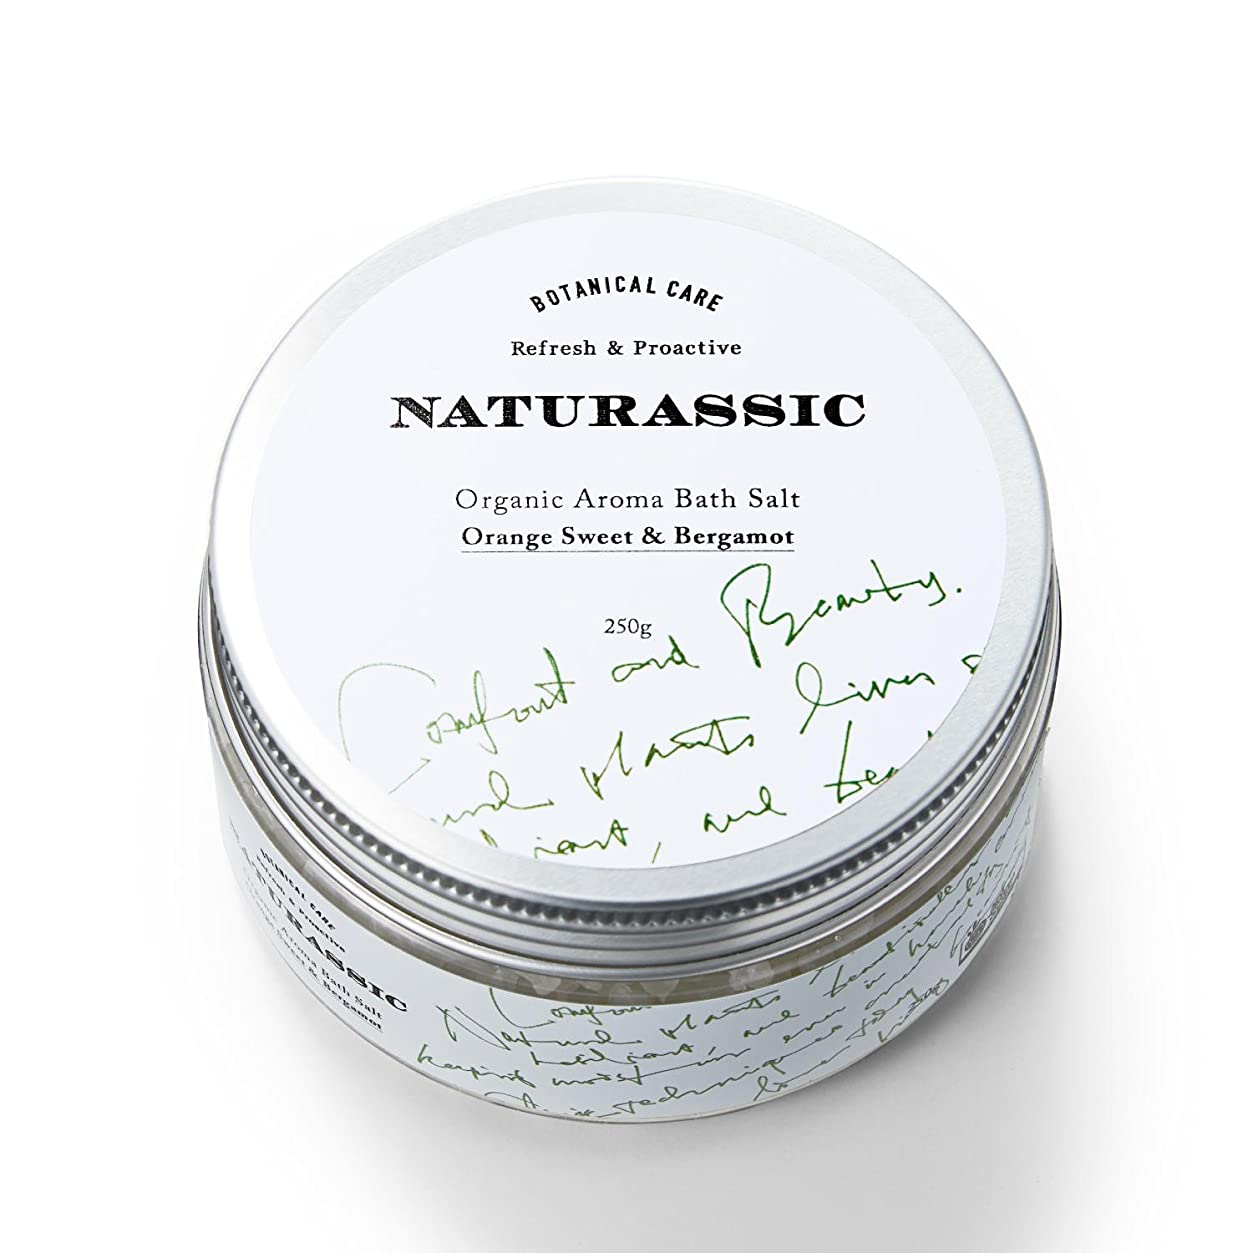 工夫する哲学的ロック解除ナチュラシック [ACO認定] オーガニックアロマバスソルトOB オレンジスイート&ベルガモットの香り 250g [オーガニック原料100%]